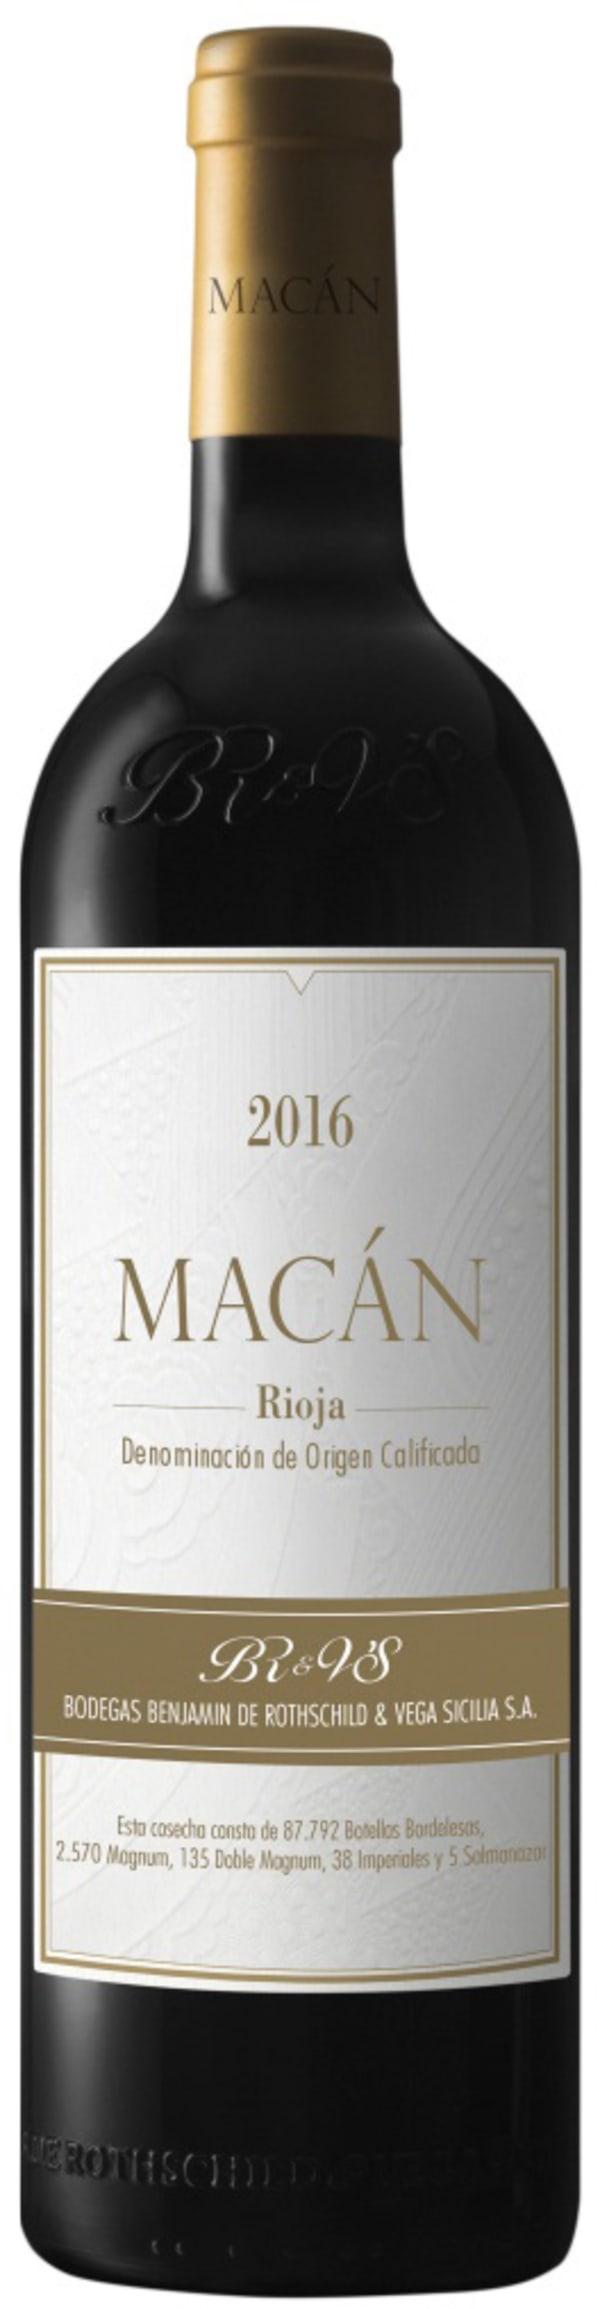 Macán Magnum 2016